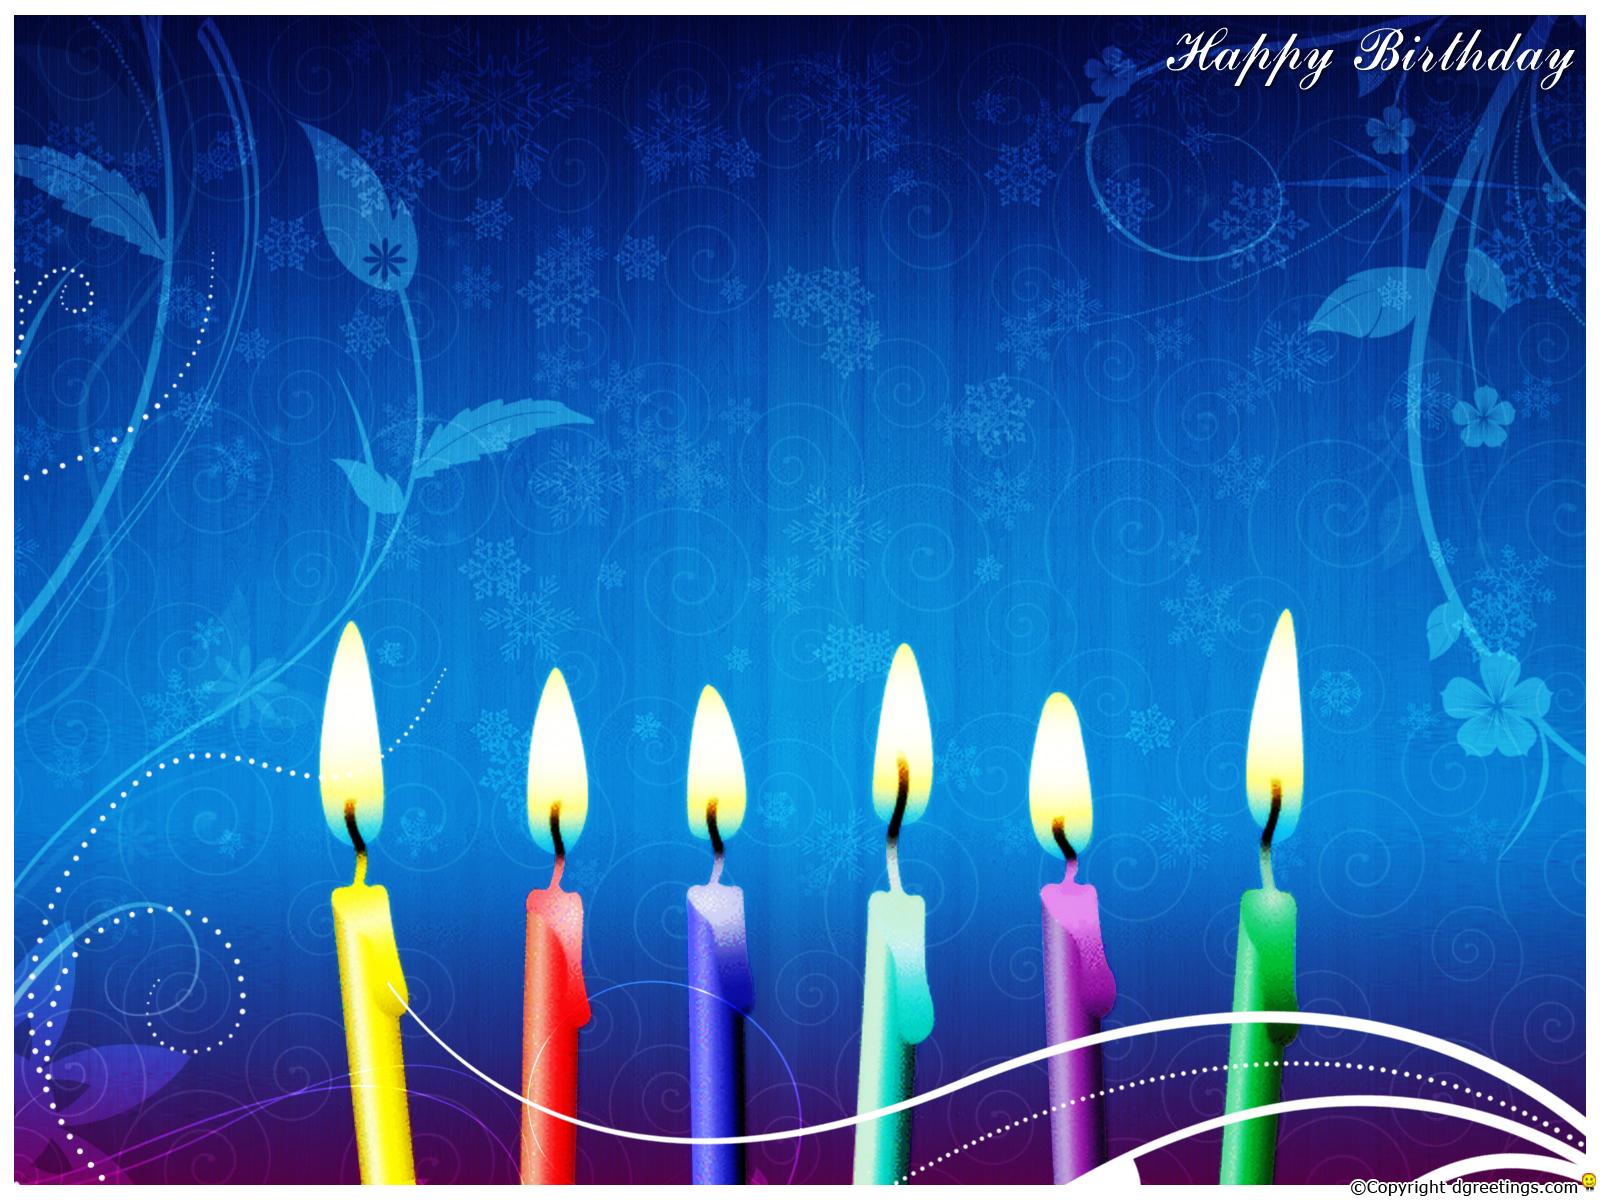 Красивые открытки и картинки с днем рождения, скачать бесплатно, отправить 31